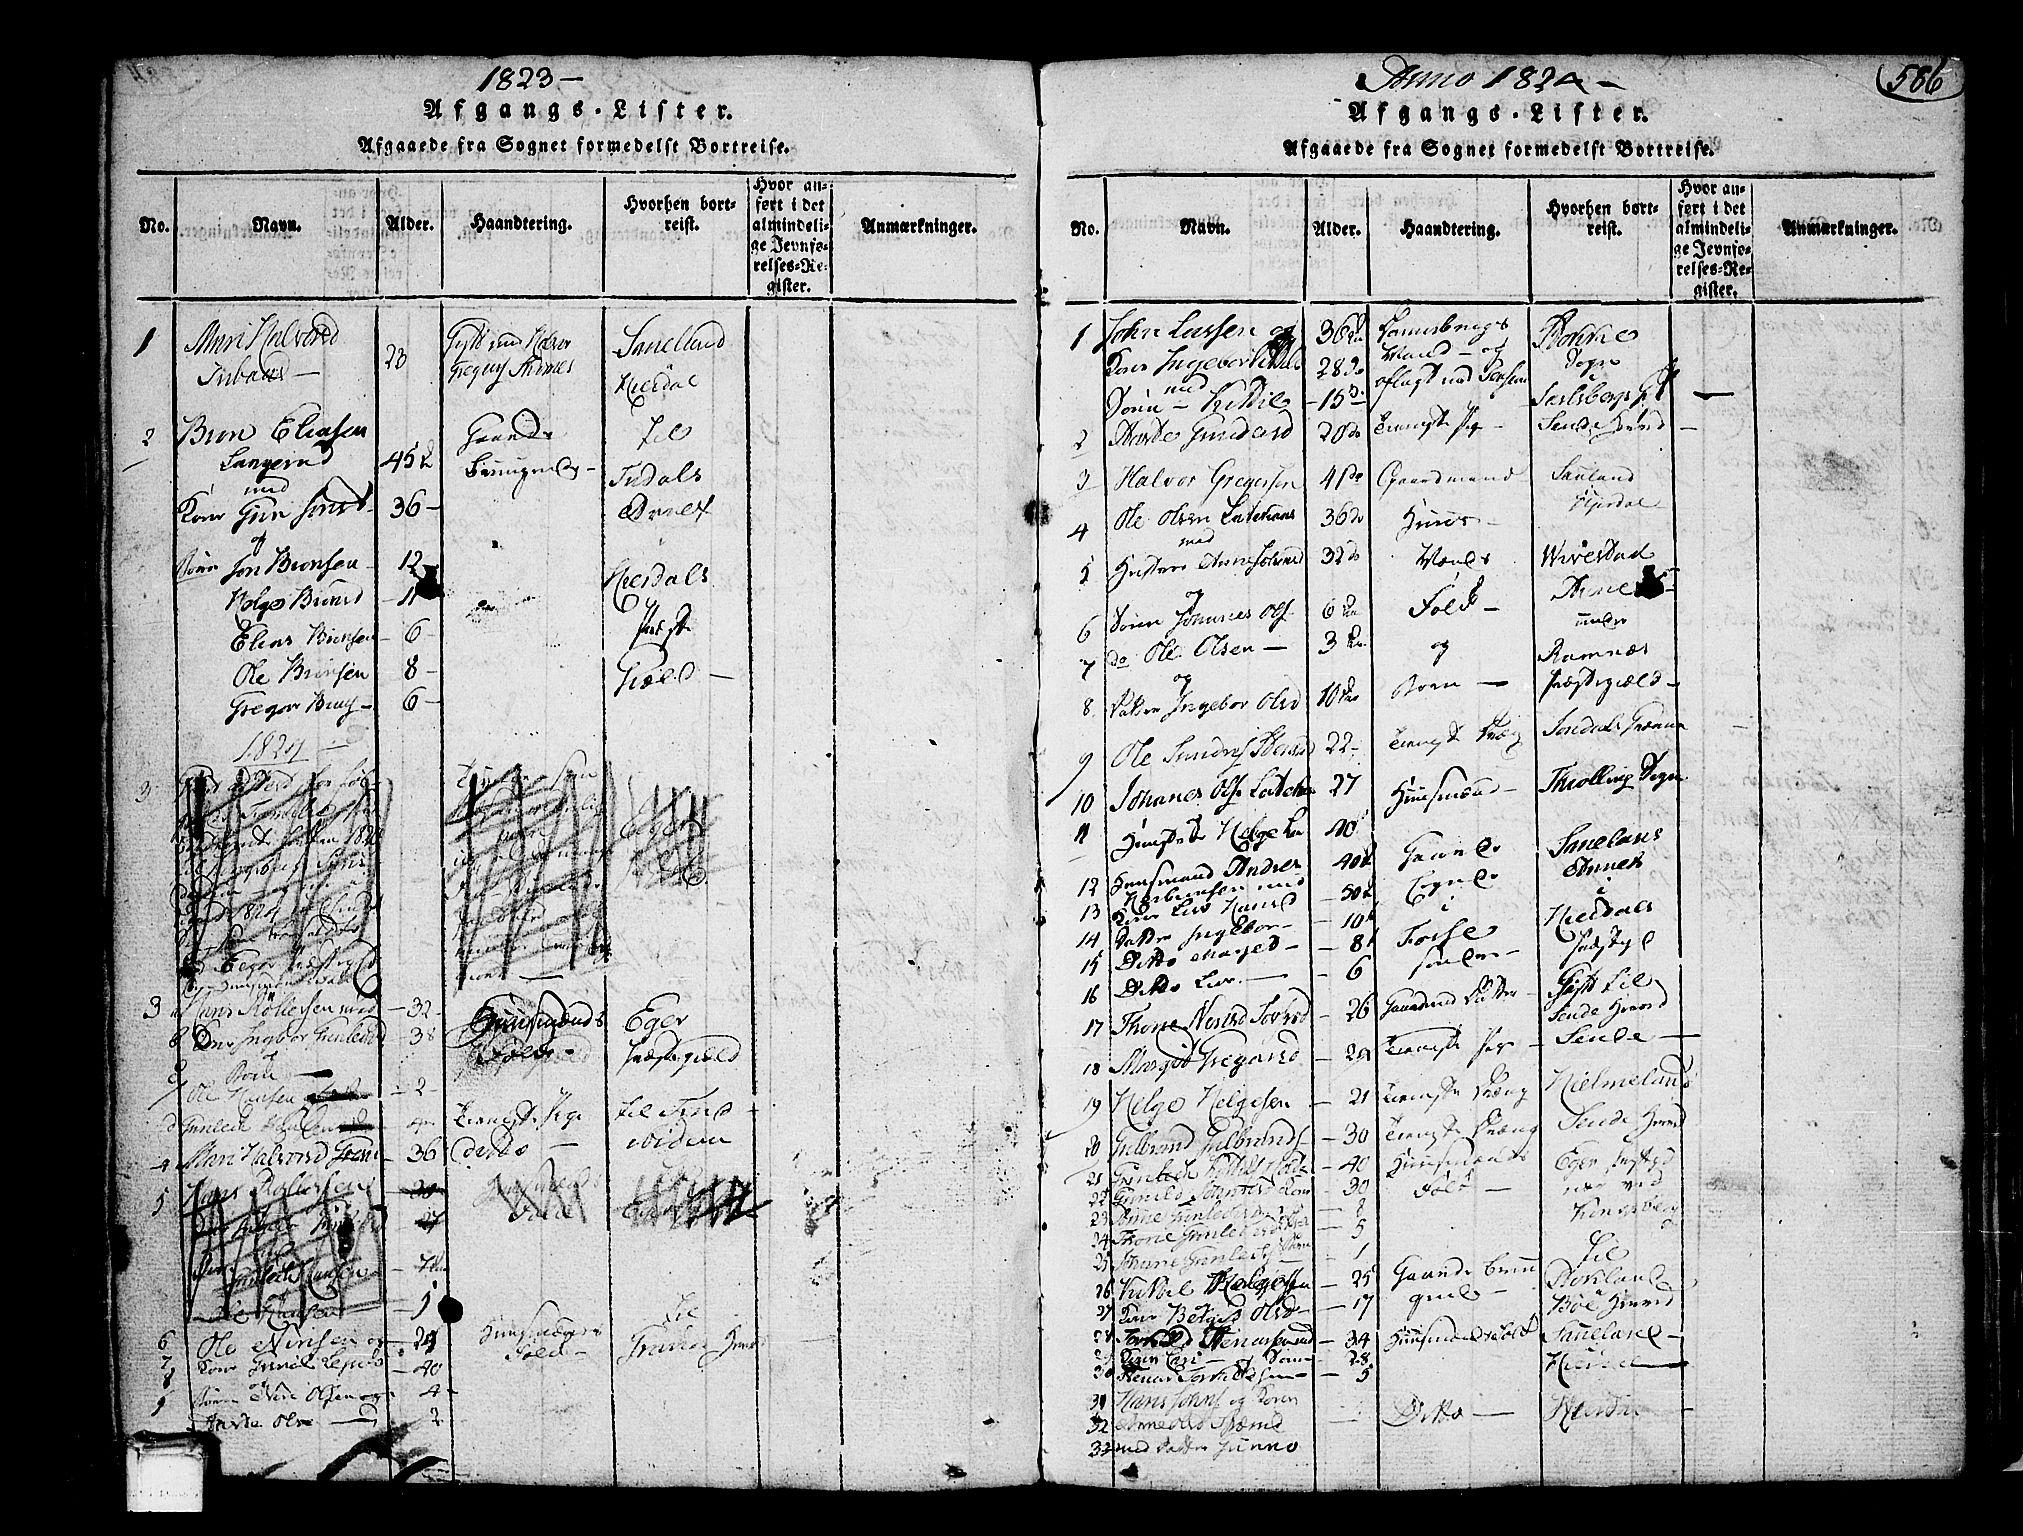 SAKO, Heddal kirkebøker, F/Fa/L0005: Ministerialbok nr. I 5, 1814-1837, s. 585-586